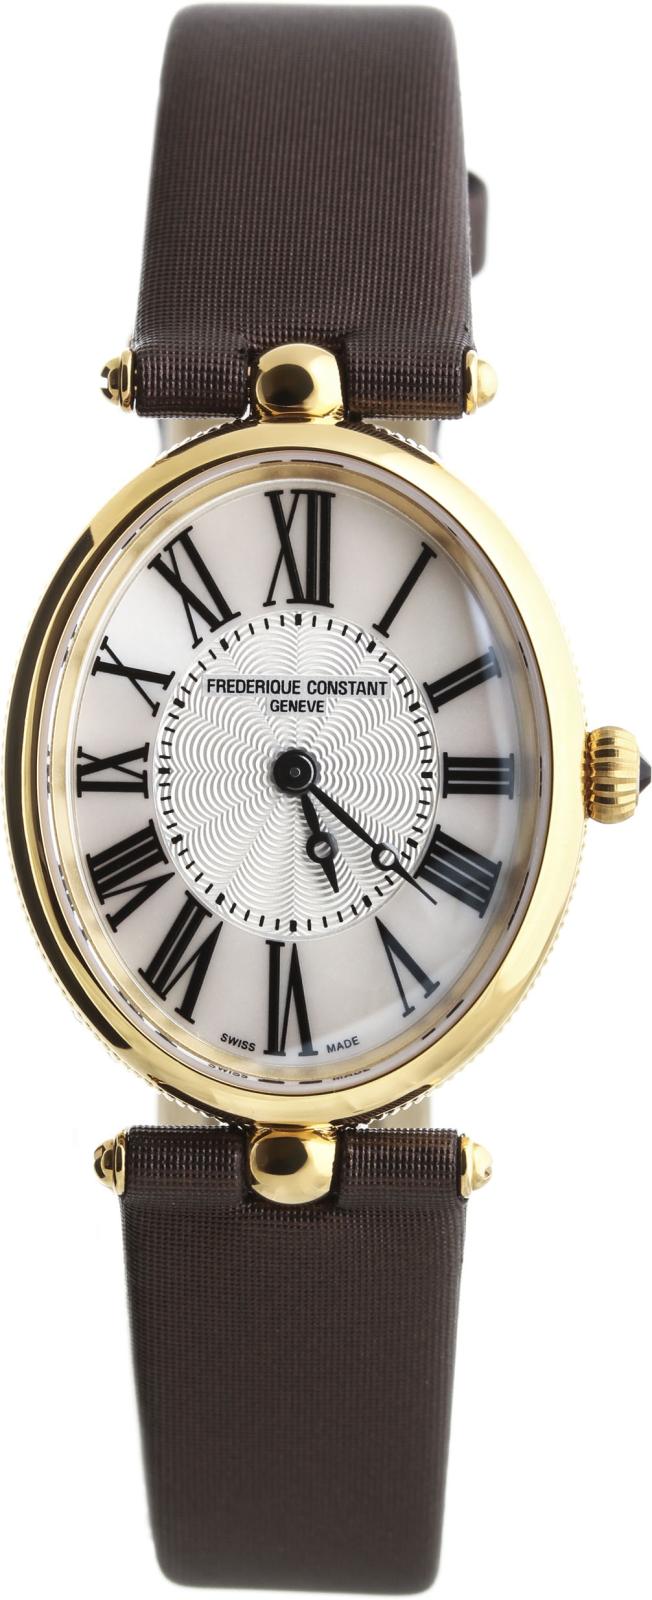 Frederique Constant Classics Art Deco  FC-200MPW2V5Наручные часы<br>Швейцарские часы Frederique Constant Classics Art Deco FC-200MPW2V5Модель входит в коллекцию Classics Art Deco . Это великолепные женские часы. Материал корпуса часов &amp;mdash; сталь+золото. Стекло - сапфировое. Часы выдерживают давление на глубине 30 м. Основной цвет циферблата серебристый. Из основных функций на циферблате представлены: часы, минуты. Часы обладают корпусом 25х30мм.<br><br>Пол: Женские<br>Страна-производитель: Швейцария<br>Механизм: Кварцевый<br>Материал корпуса: Сталь+Золото<br>Материал ремня/браслета: Сатин<br>Водозащита, диапазон: 20 - 100 м<br>Стекло: Сапфировое<br>Толщина корпуса: None<br>Стиль: Классика